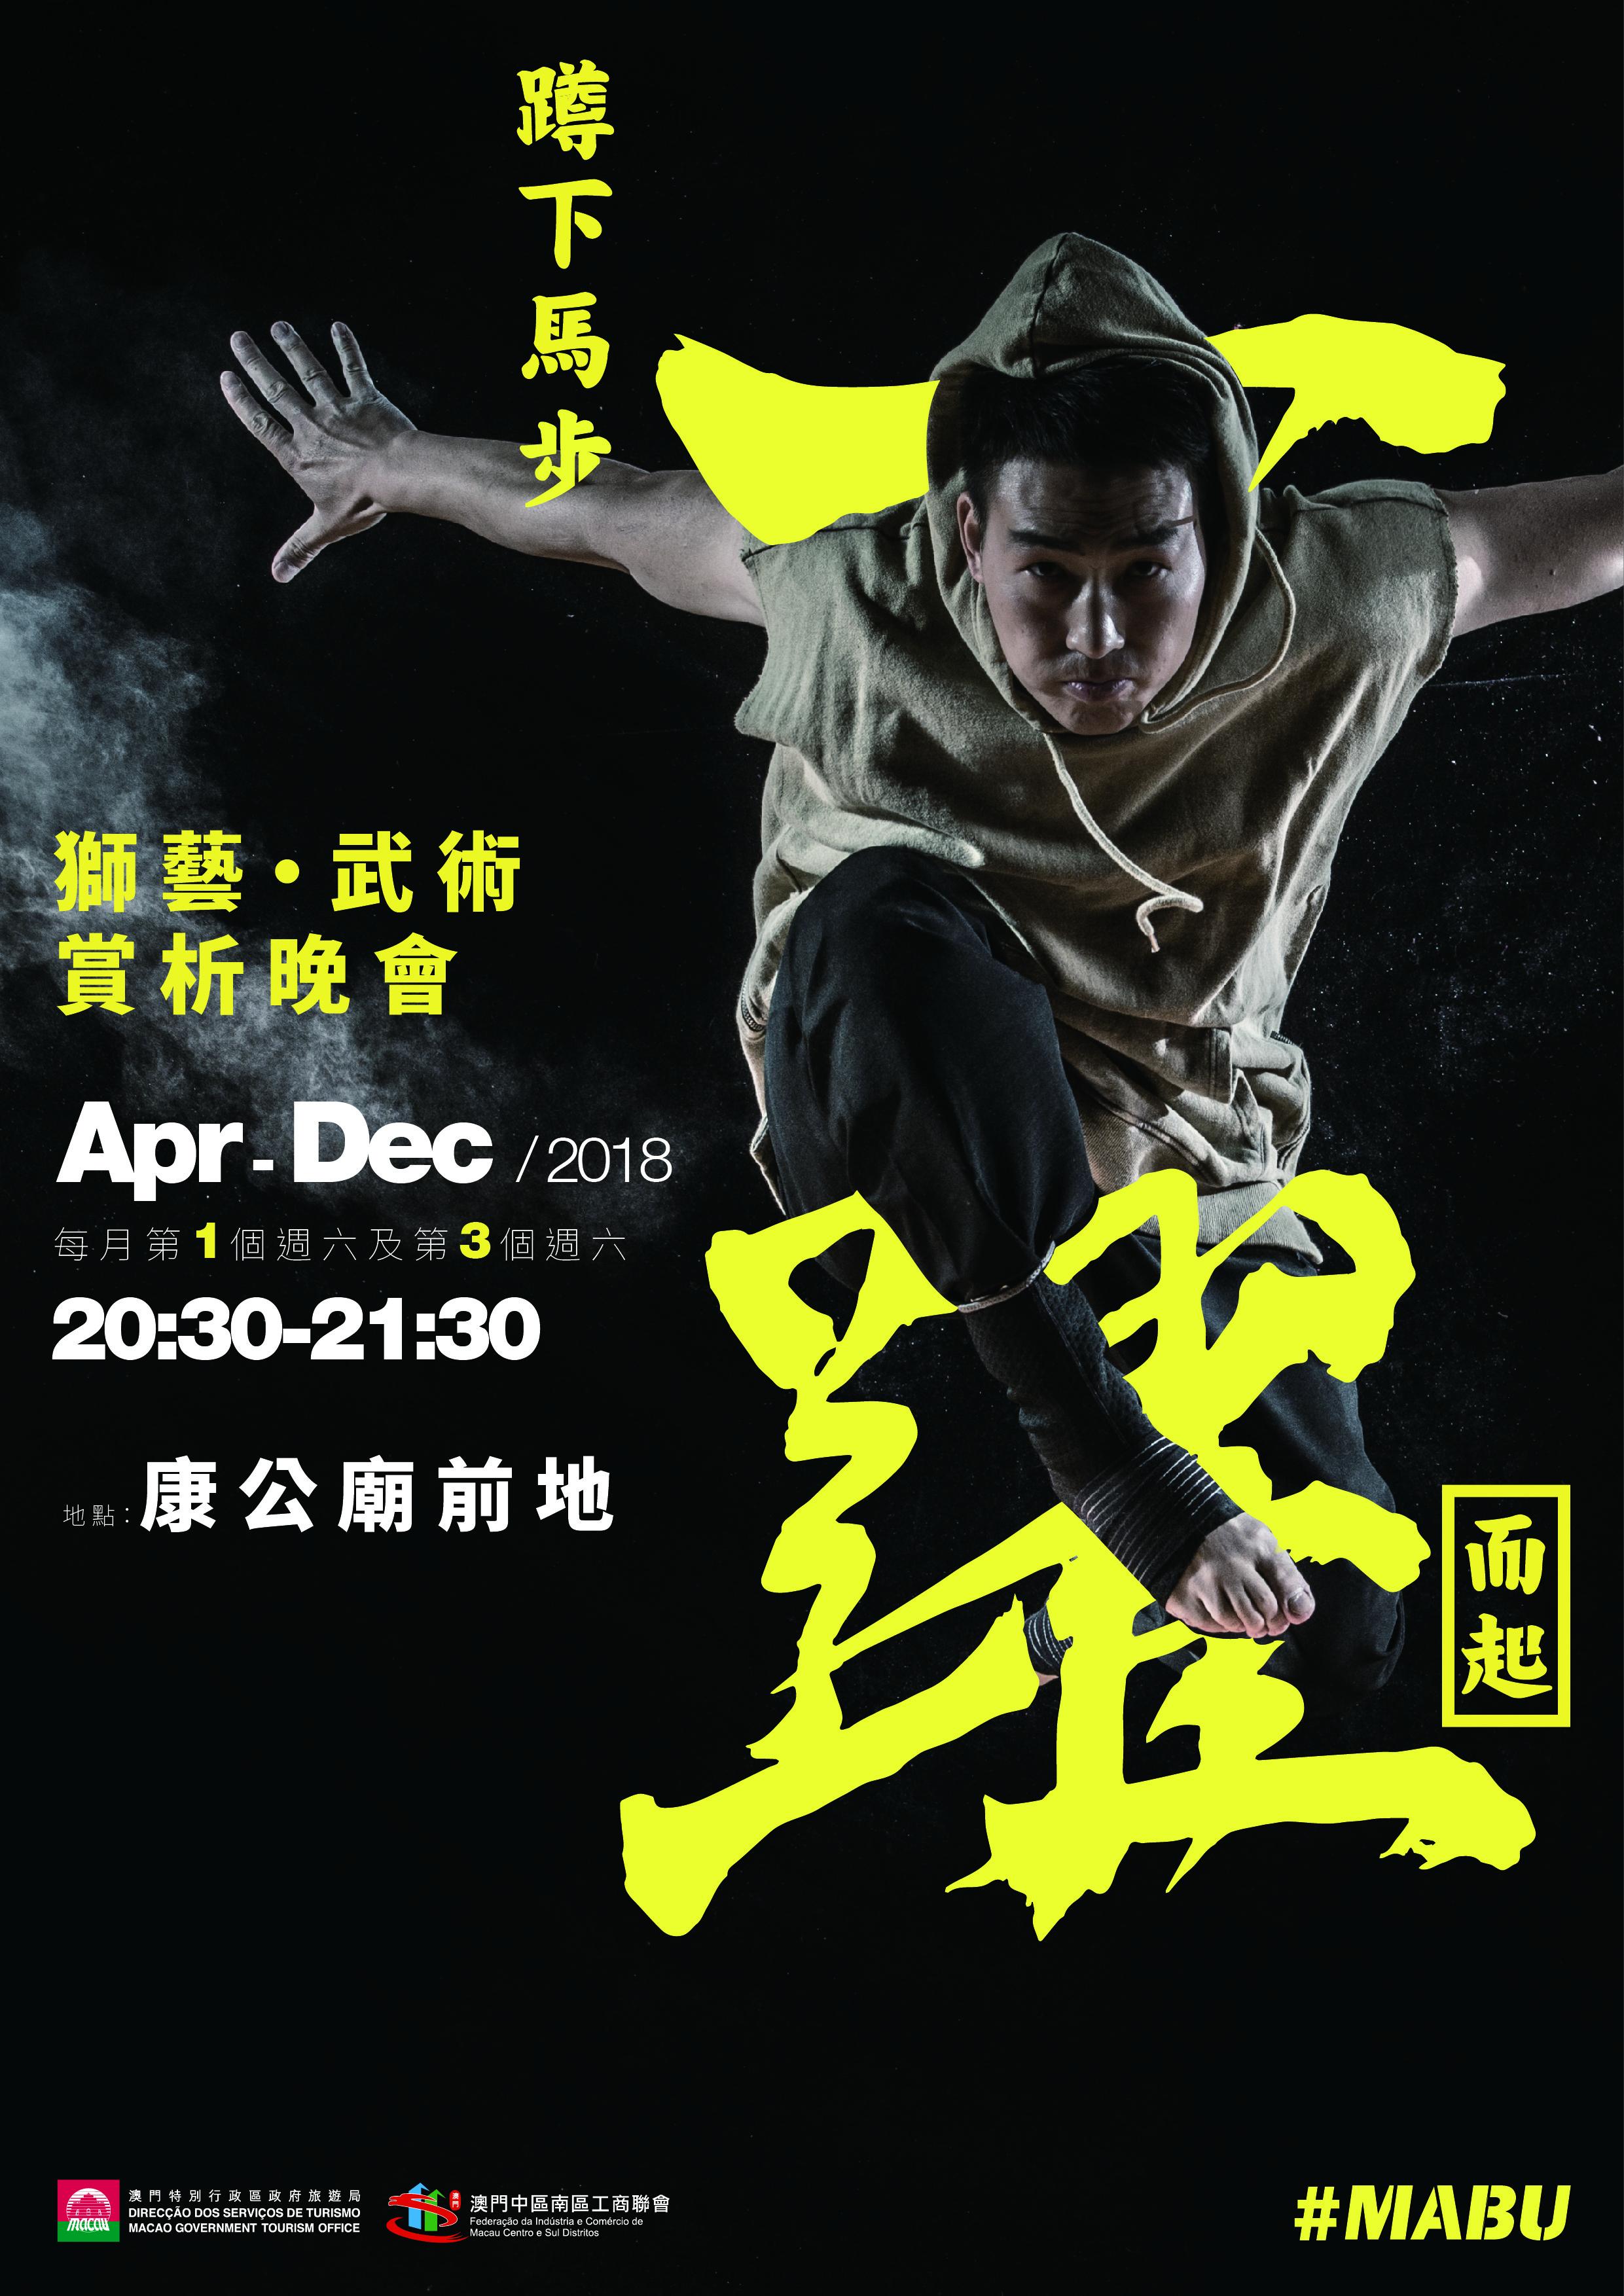 武術獅藝專案Poster - 2